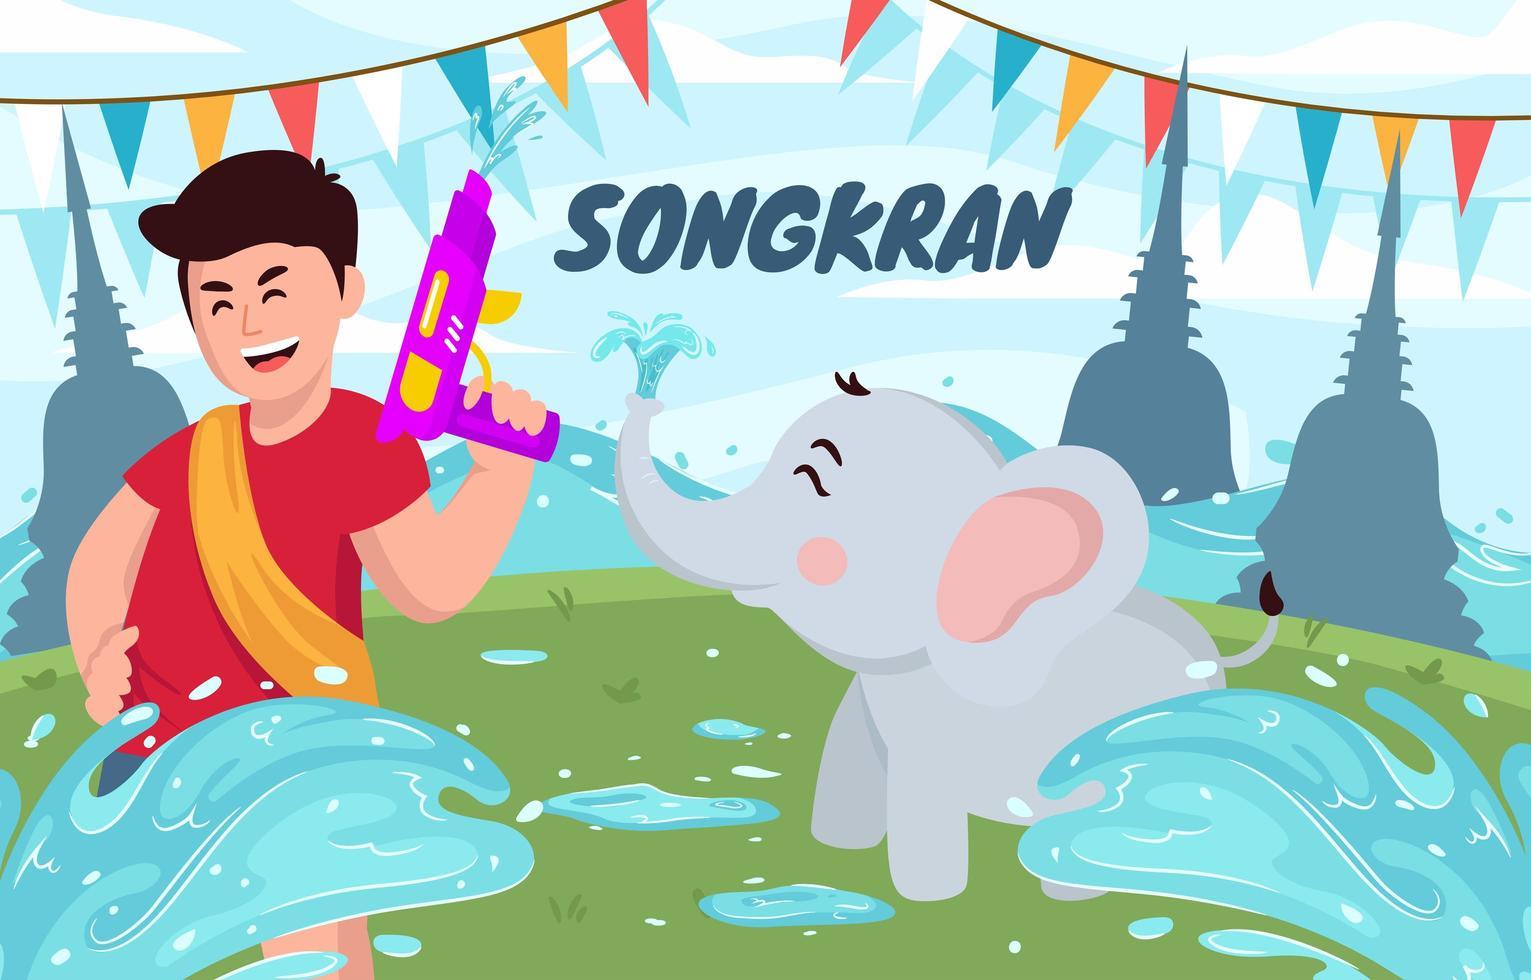 songkran-festival met gelukkige kinderen en olifant vector